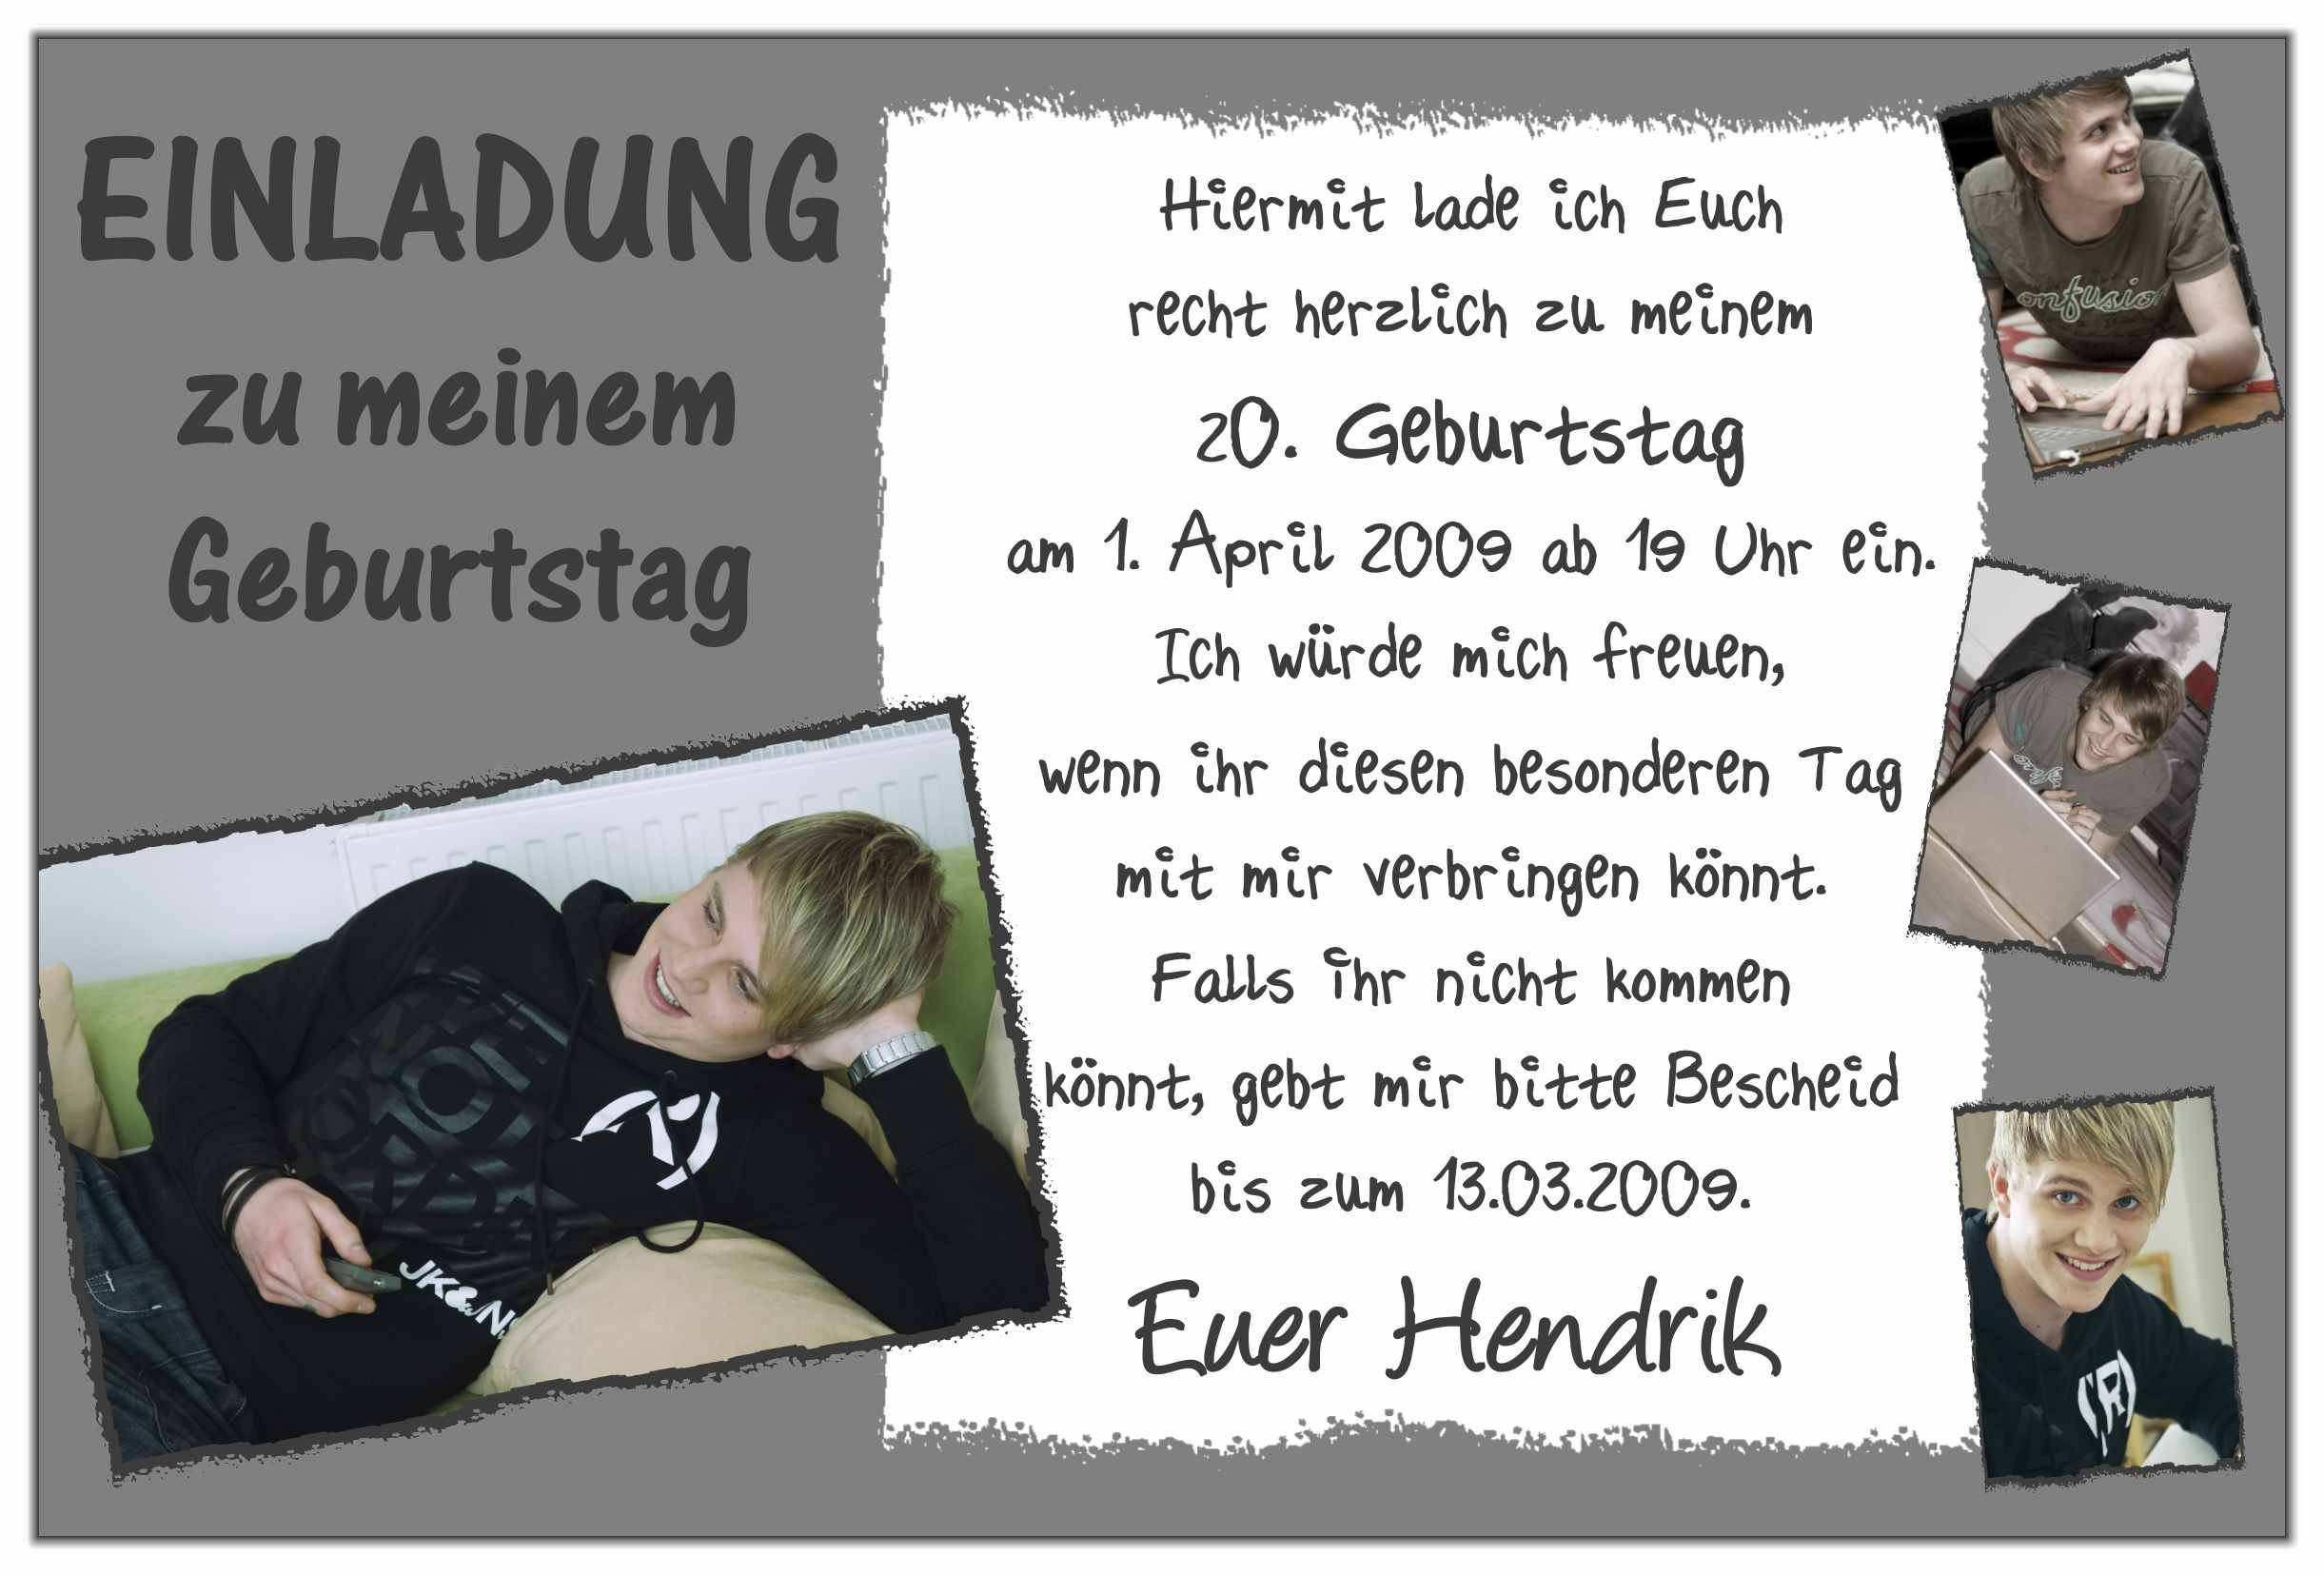 Geburtstag Einladungskarte Text Einladung Geburtstag Geburtstag Einladungskarte Einladung Geburtstag Einladung Geburtstag Text Einladung Runder Geburtstag